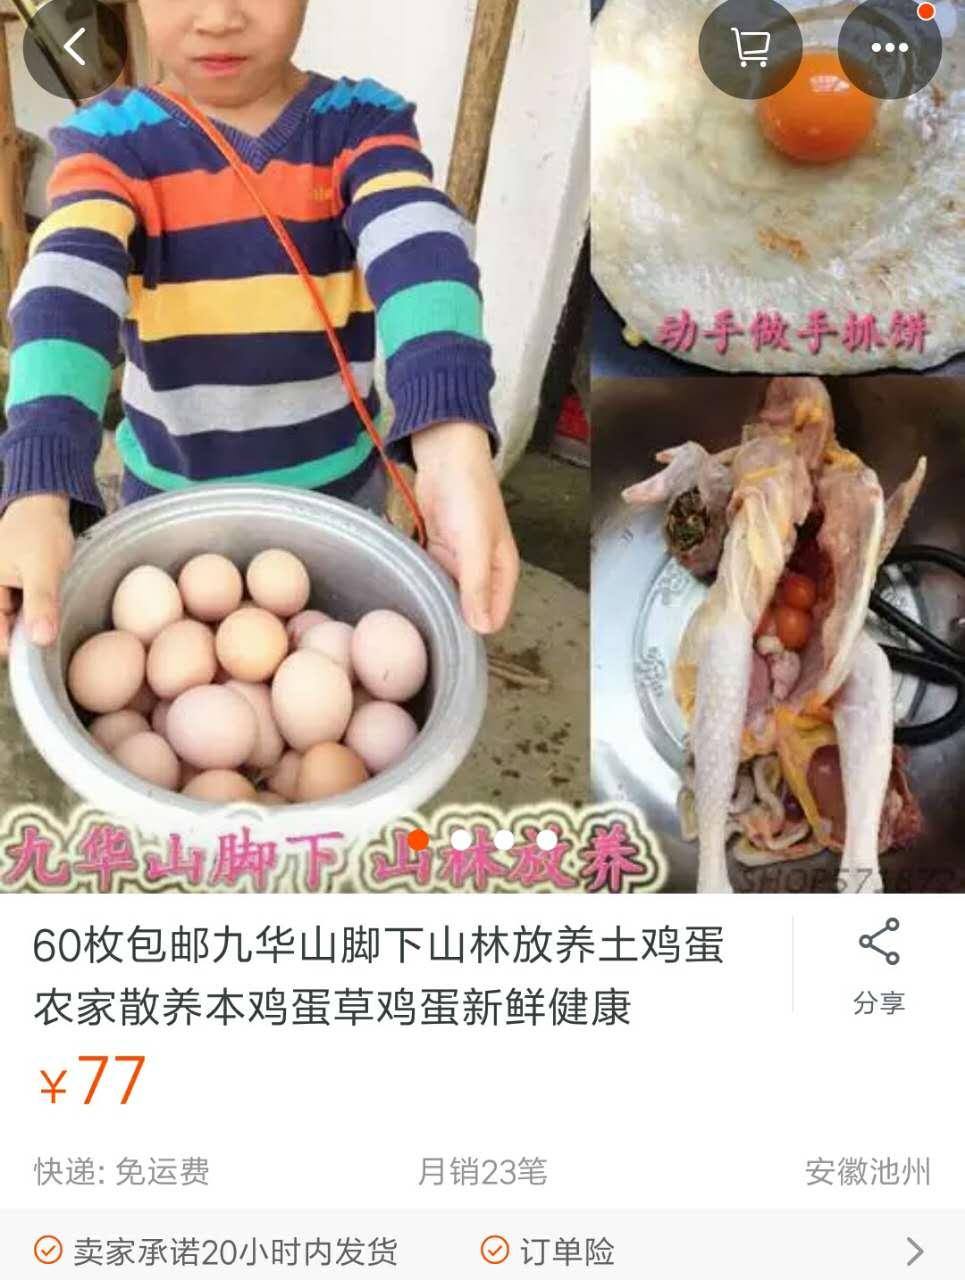 куриные яйца в китае